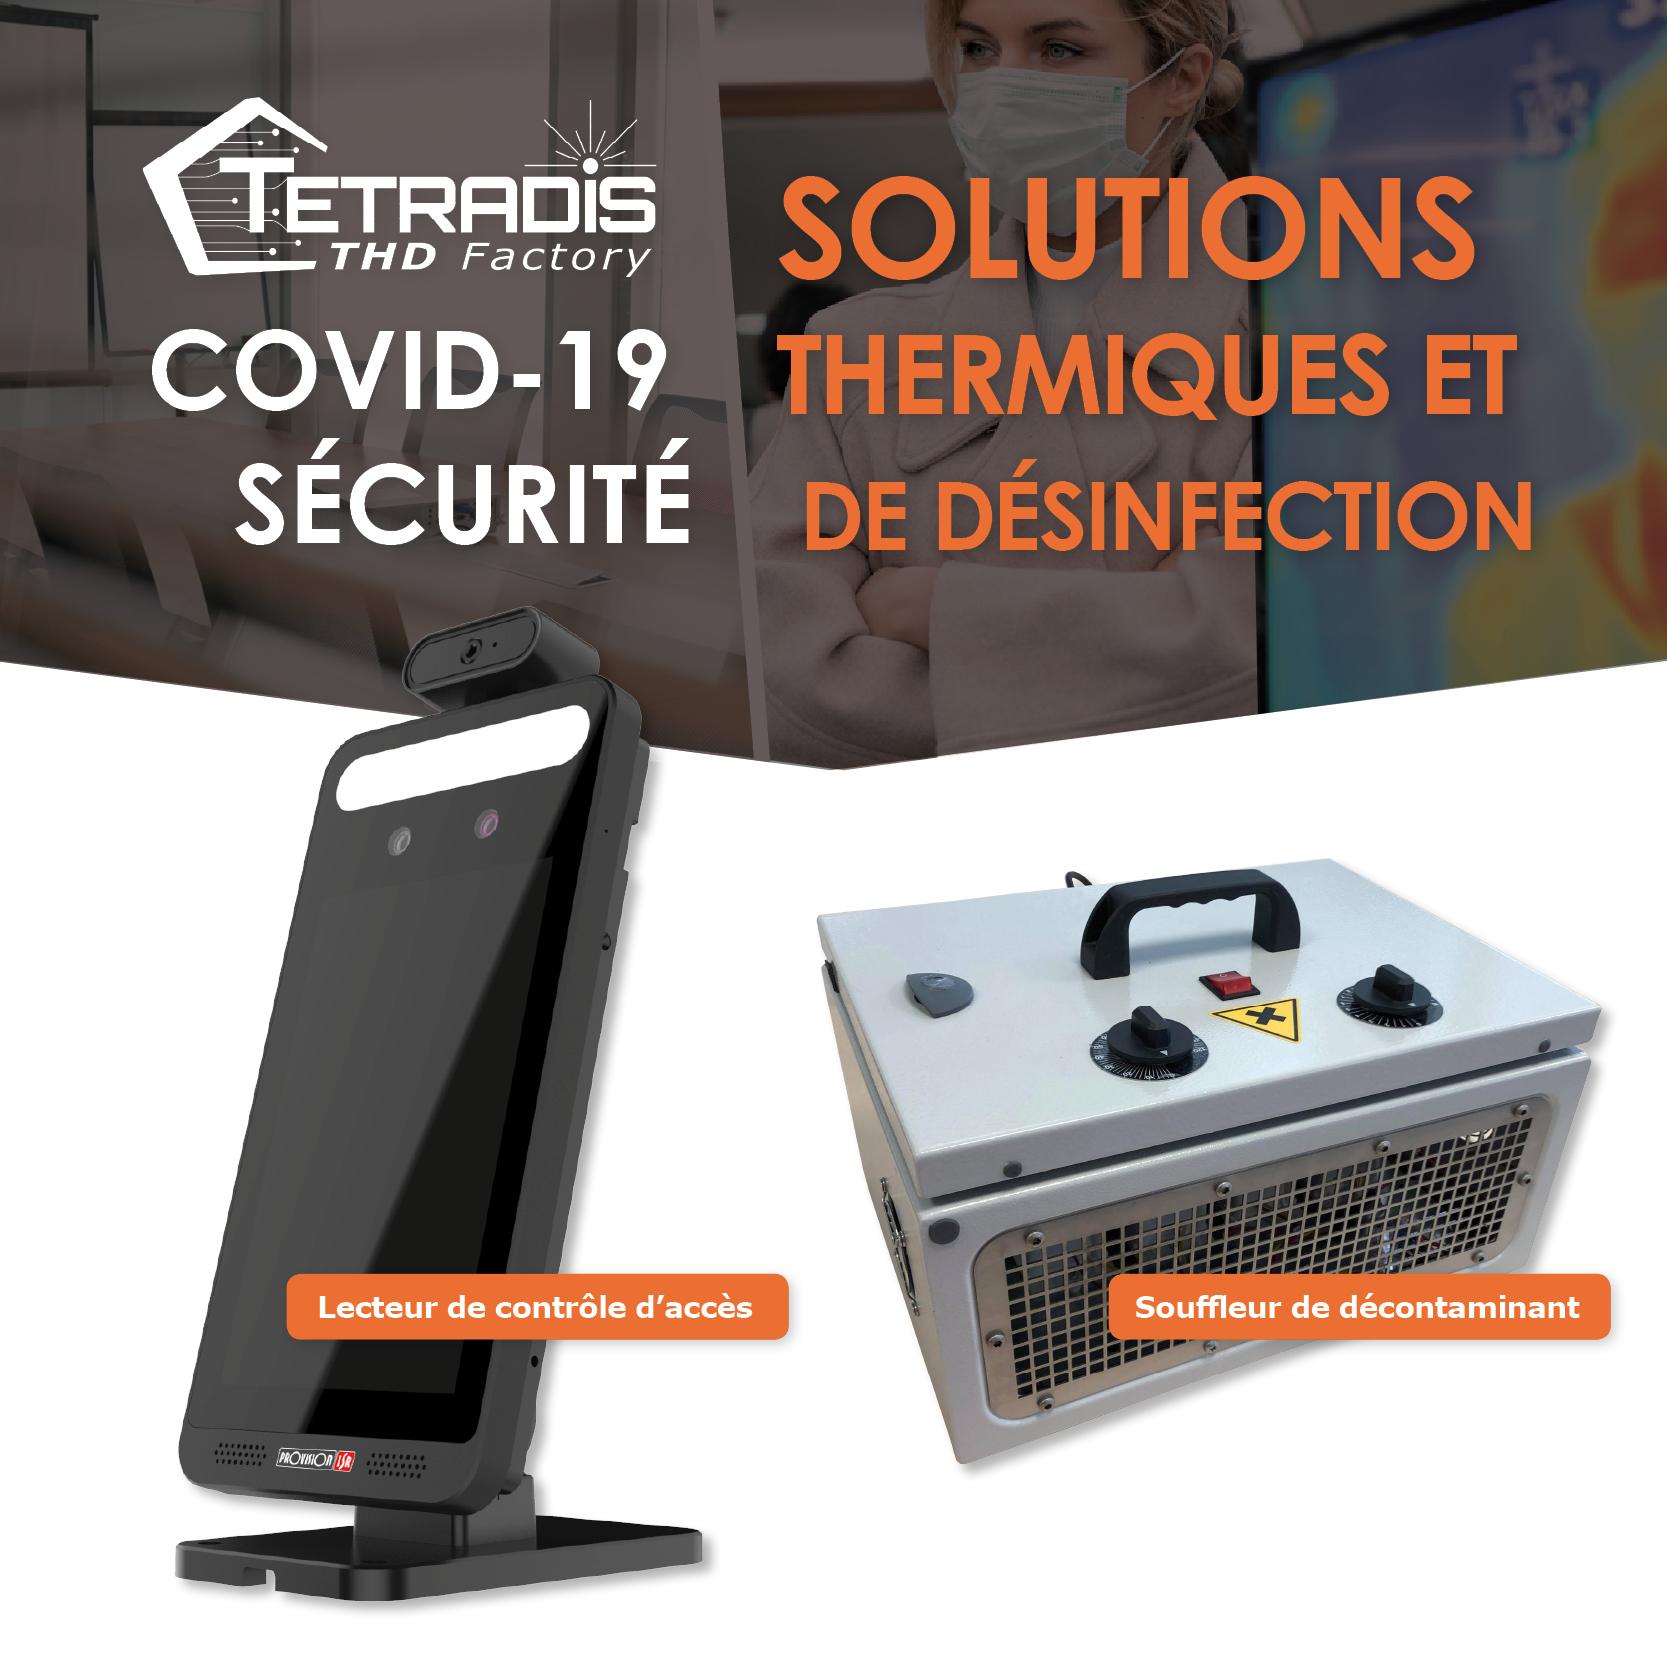 Solutions thermique et de désinfection